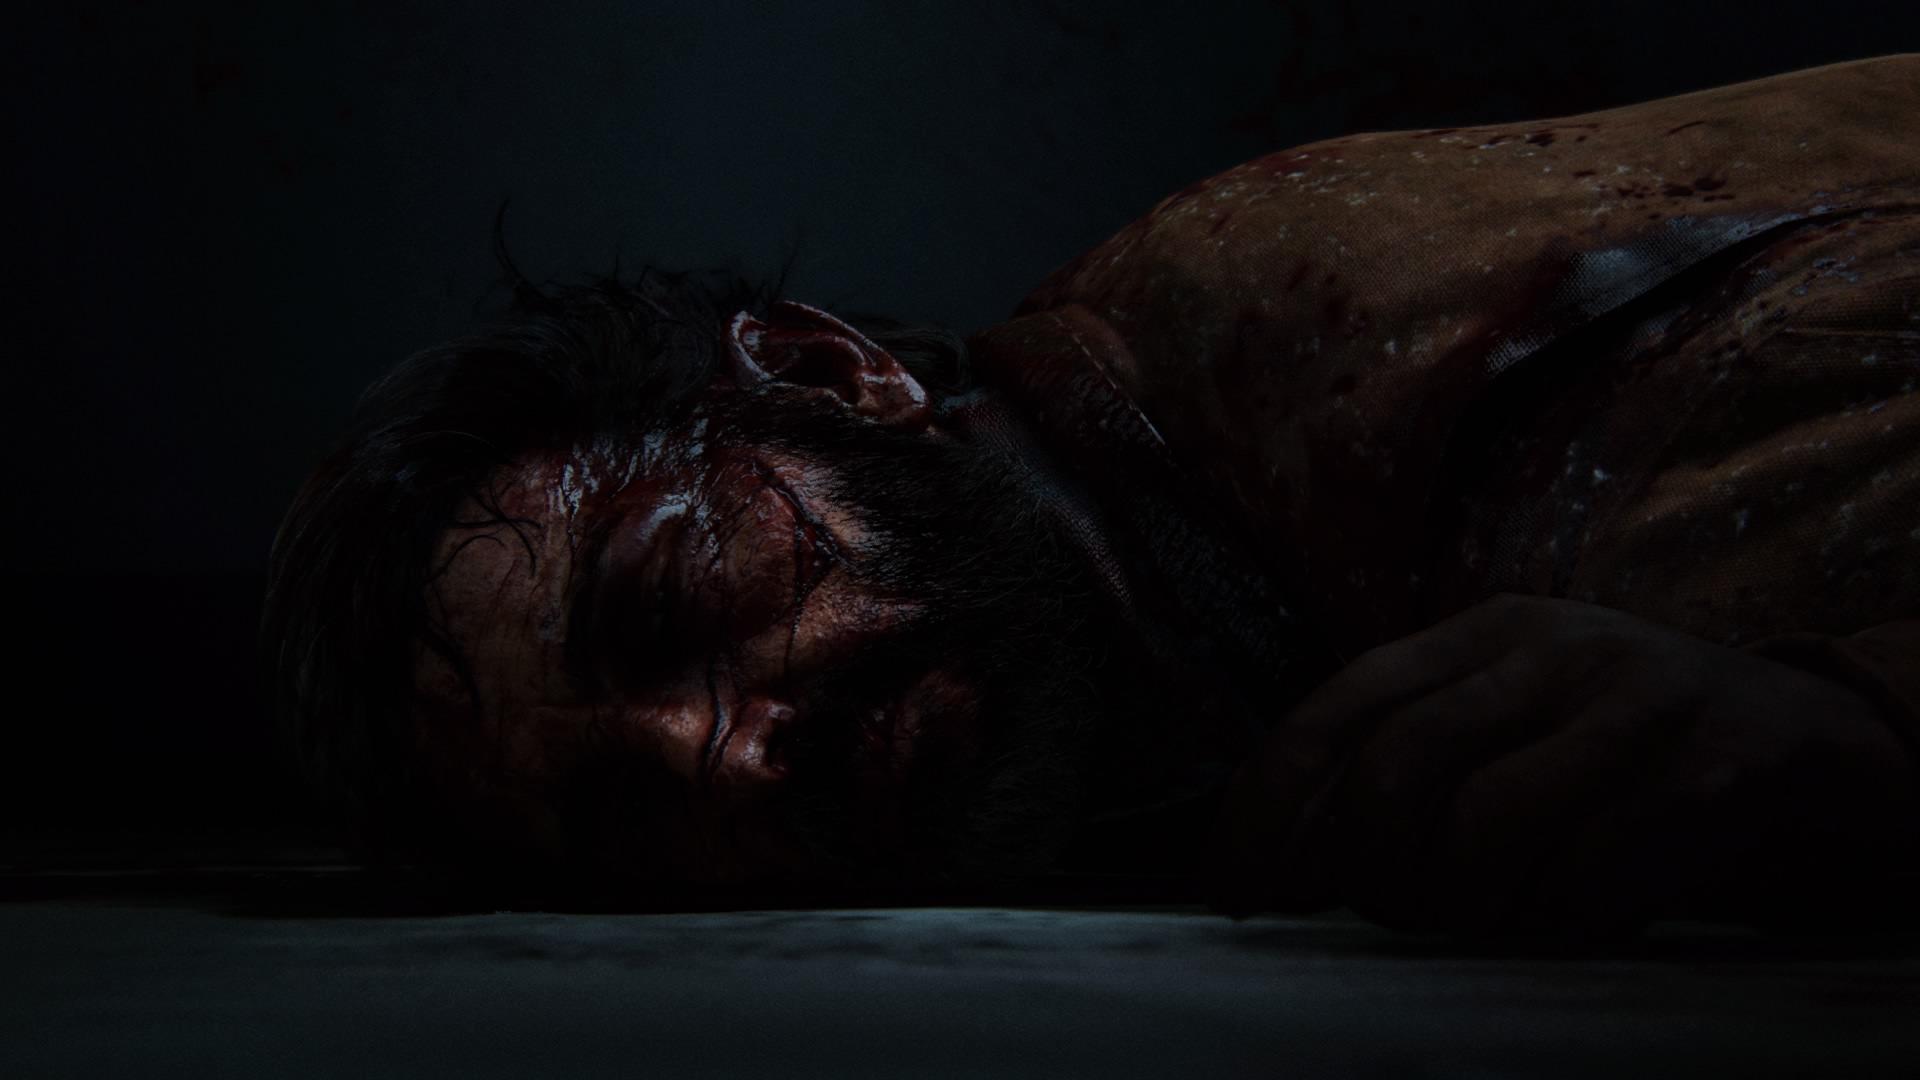 Joel überlebt Abbys Foltermisshandlungen Nicht.